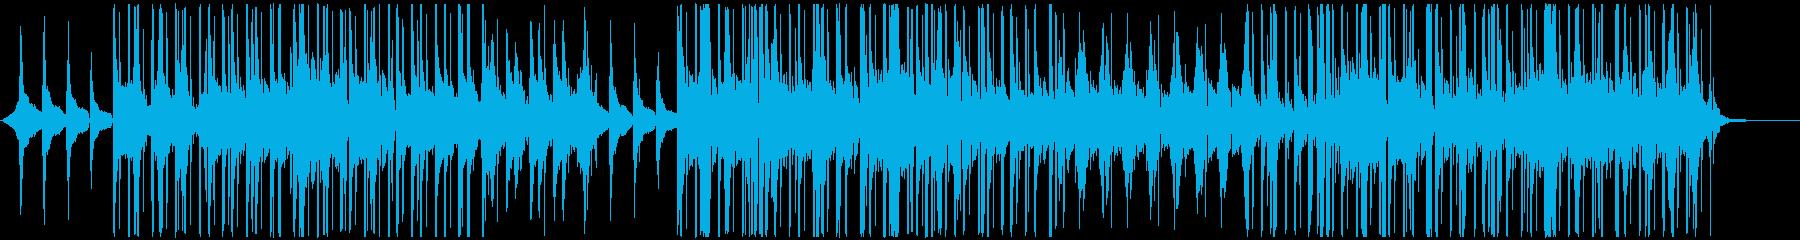 まったりおしゃれなChill-Hopの再生済みの波形